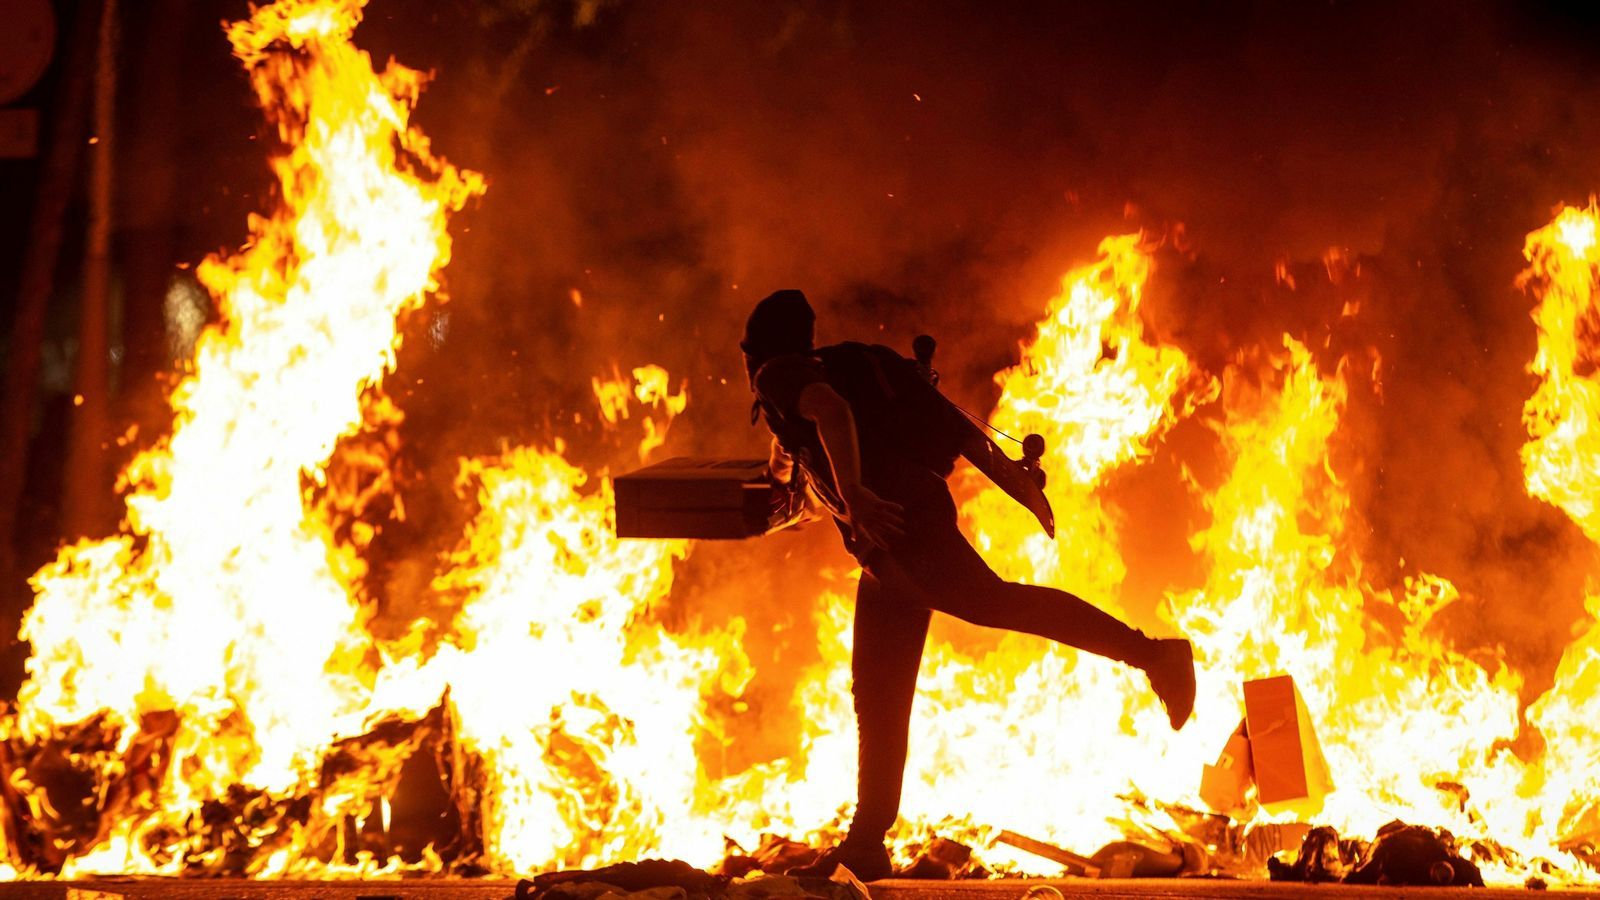 La segona jornada de disturbis a Catalunya se salda amb 125 ferits i 31 detinguts